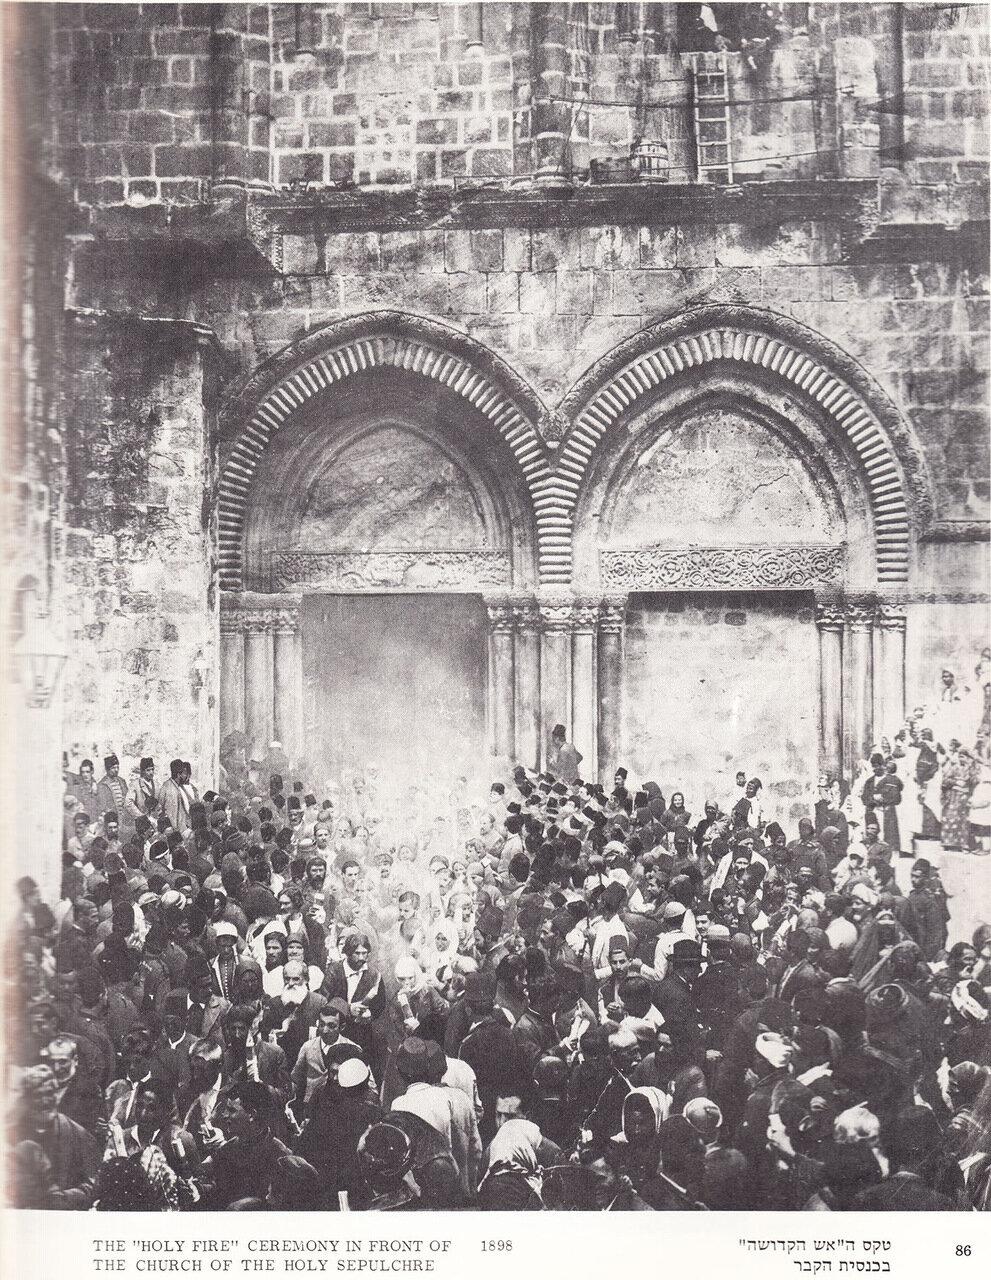 Церемония нисхождения Божественного огня в передней части церкви Гроба Господня. 1898